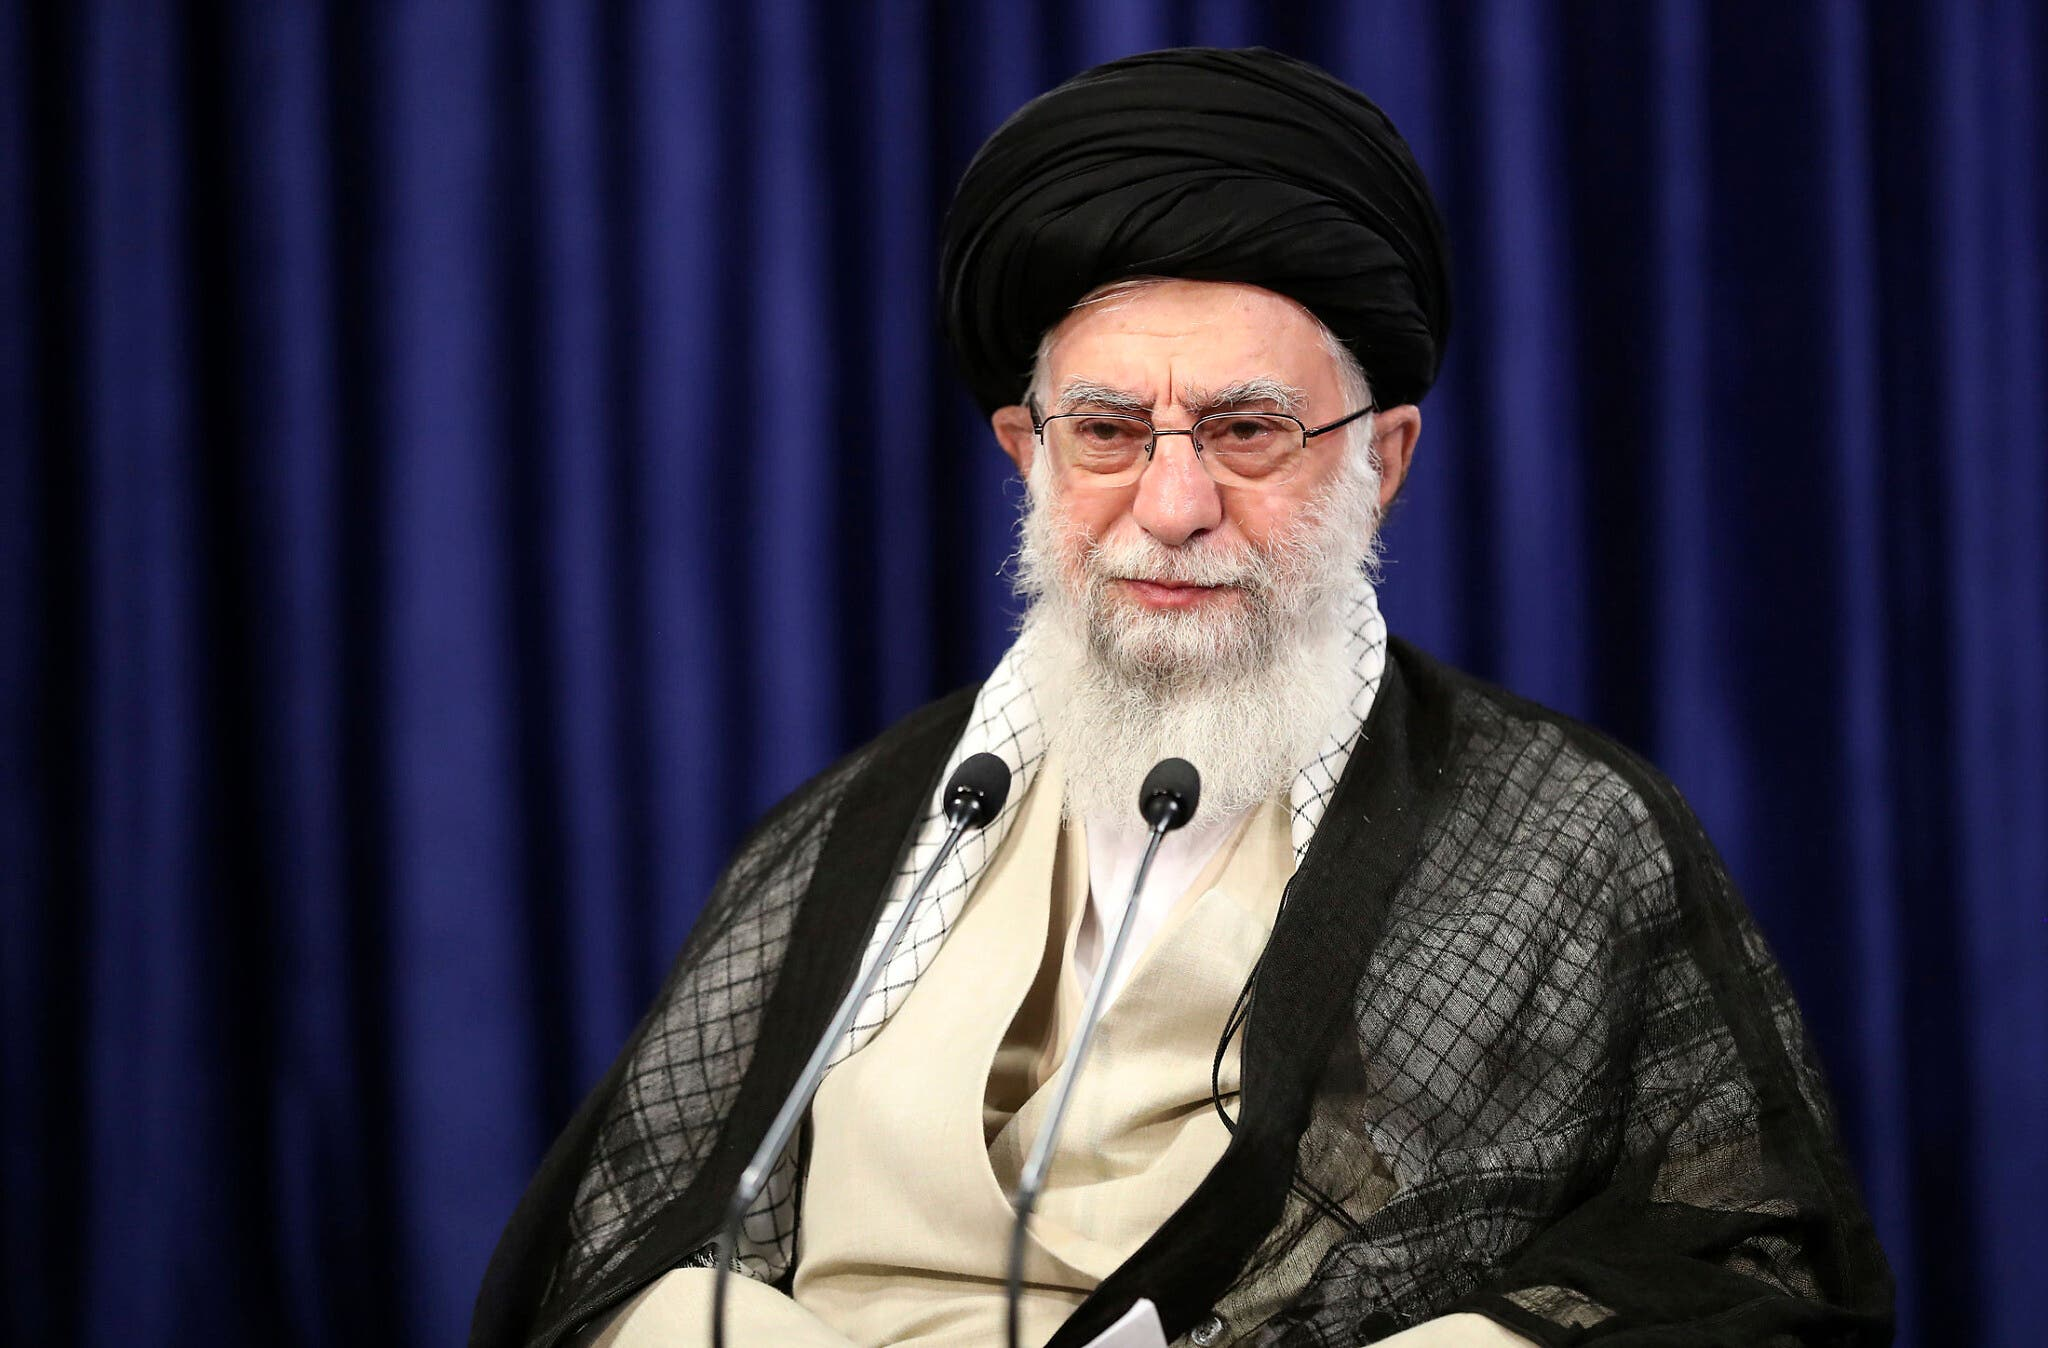 Ayatollah Ali Khamenei: Imaaraadka waxaa raacday ceeb aan abid ka hari doonin